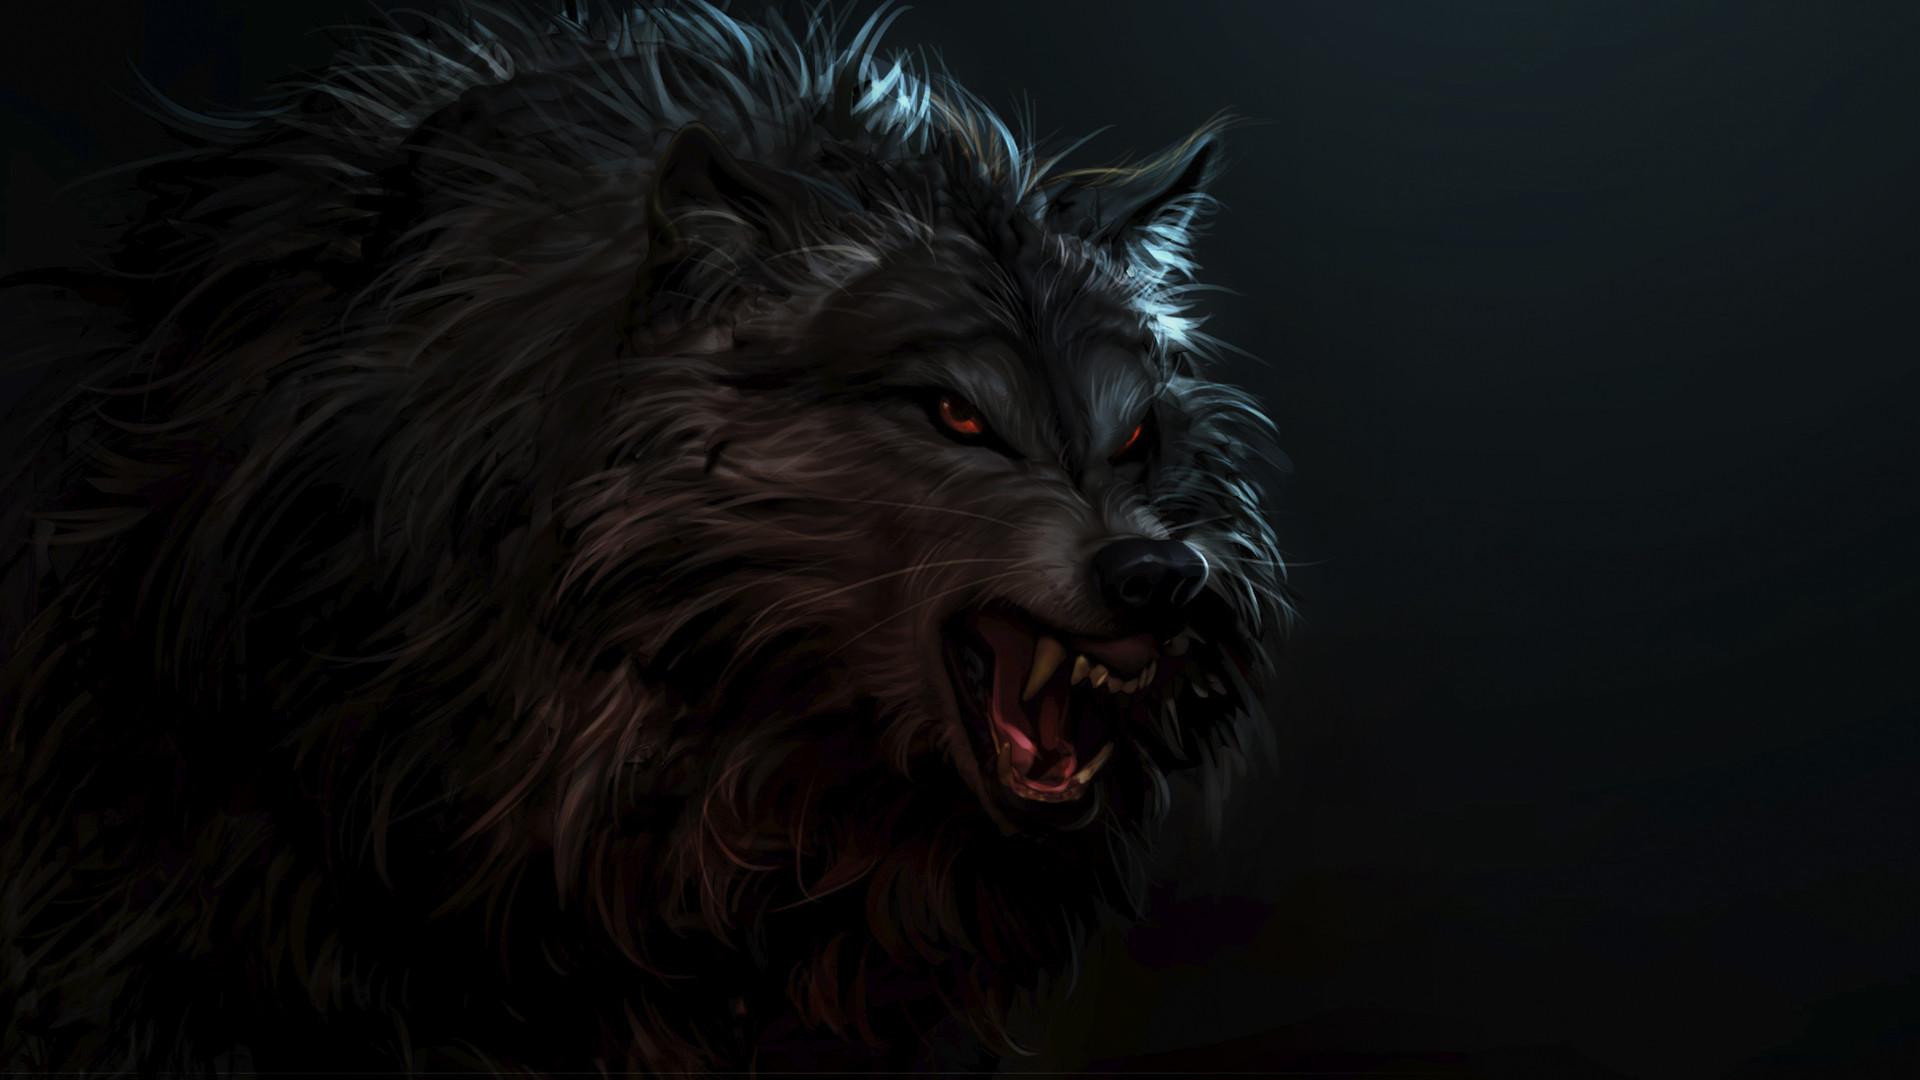 картинки стальной волк может